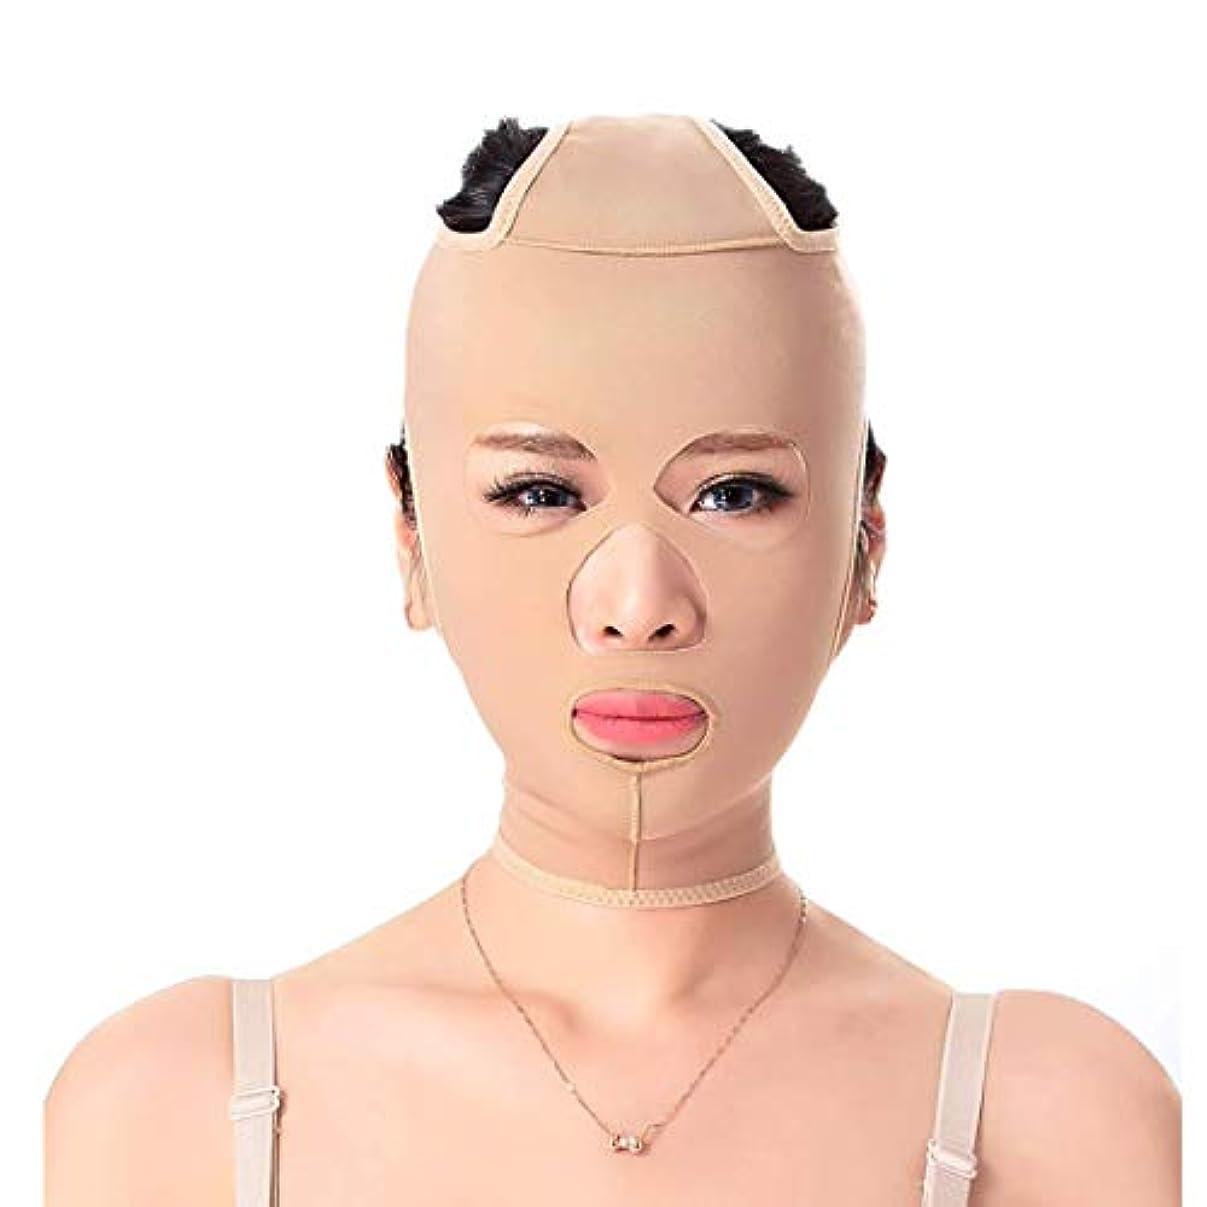 マーベル抑制する窒息させるスリミングベルト、二重あごの引き締め顔面プラスチック顔アーティファクト強力な顔の包帯を脇に持ち上げるパターンを欺くためのフェイシャルマスク薄いフェイスマスク(サイズ:XXL),ザ?